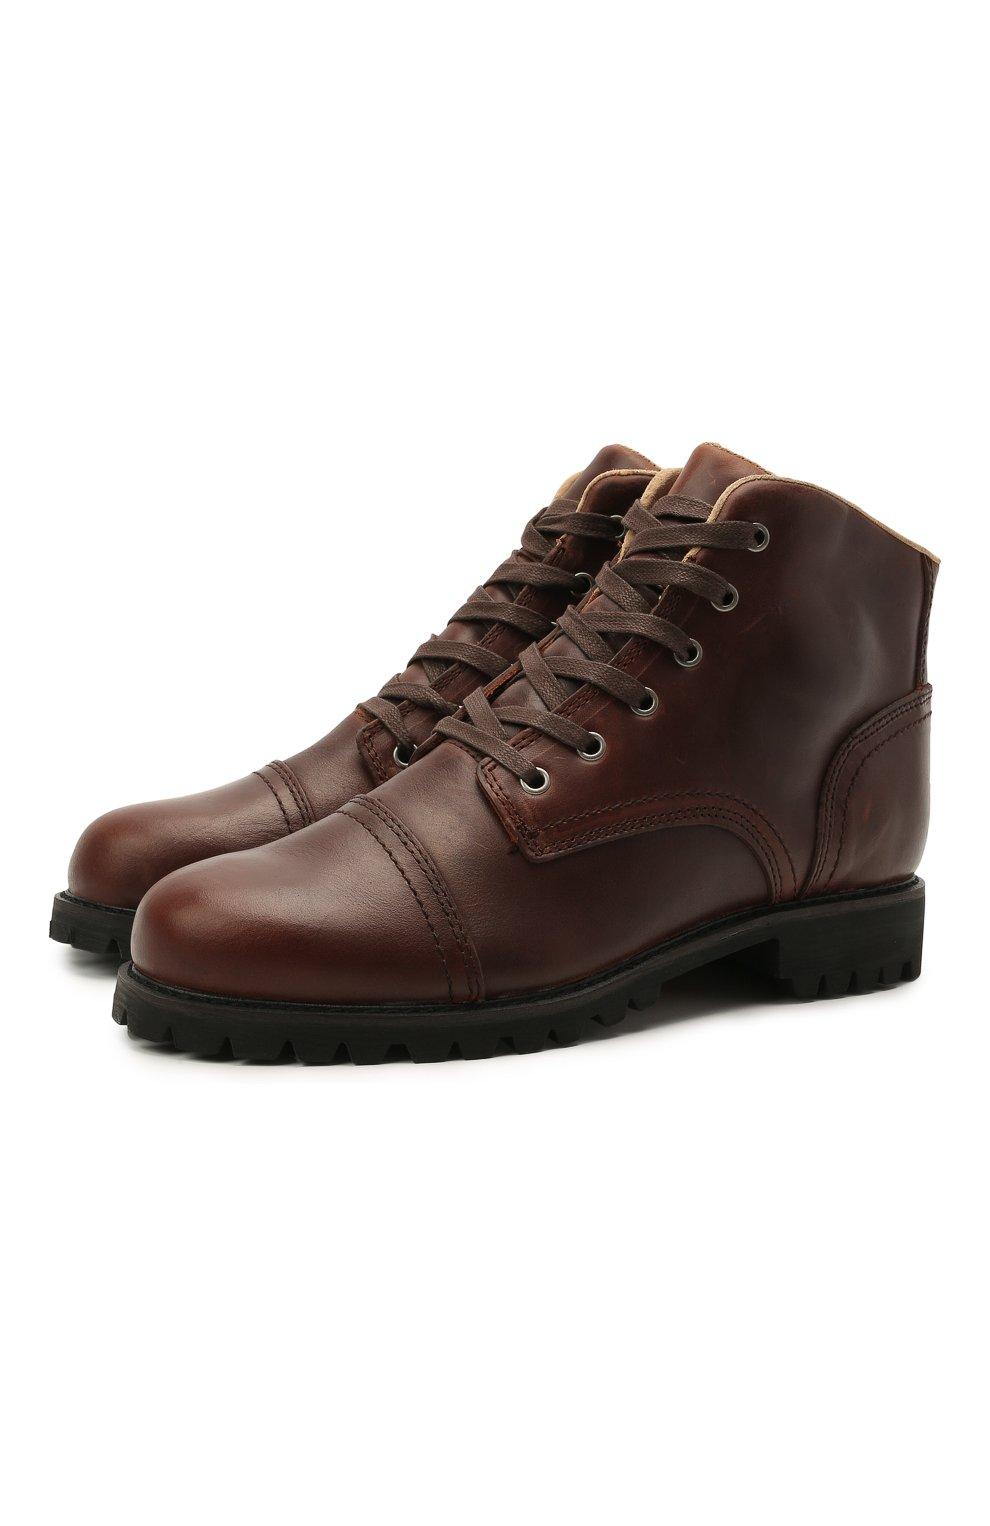 Мужские кожаные ботинки HARLEY-DAVIDSON коричневого цвета, арт. D93714 | Фото 1 (Мужское Кросс-КТ: Ботинки-обувь; Материал внутренний: Натуральная кожа; Подошва: Плоская)